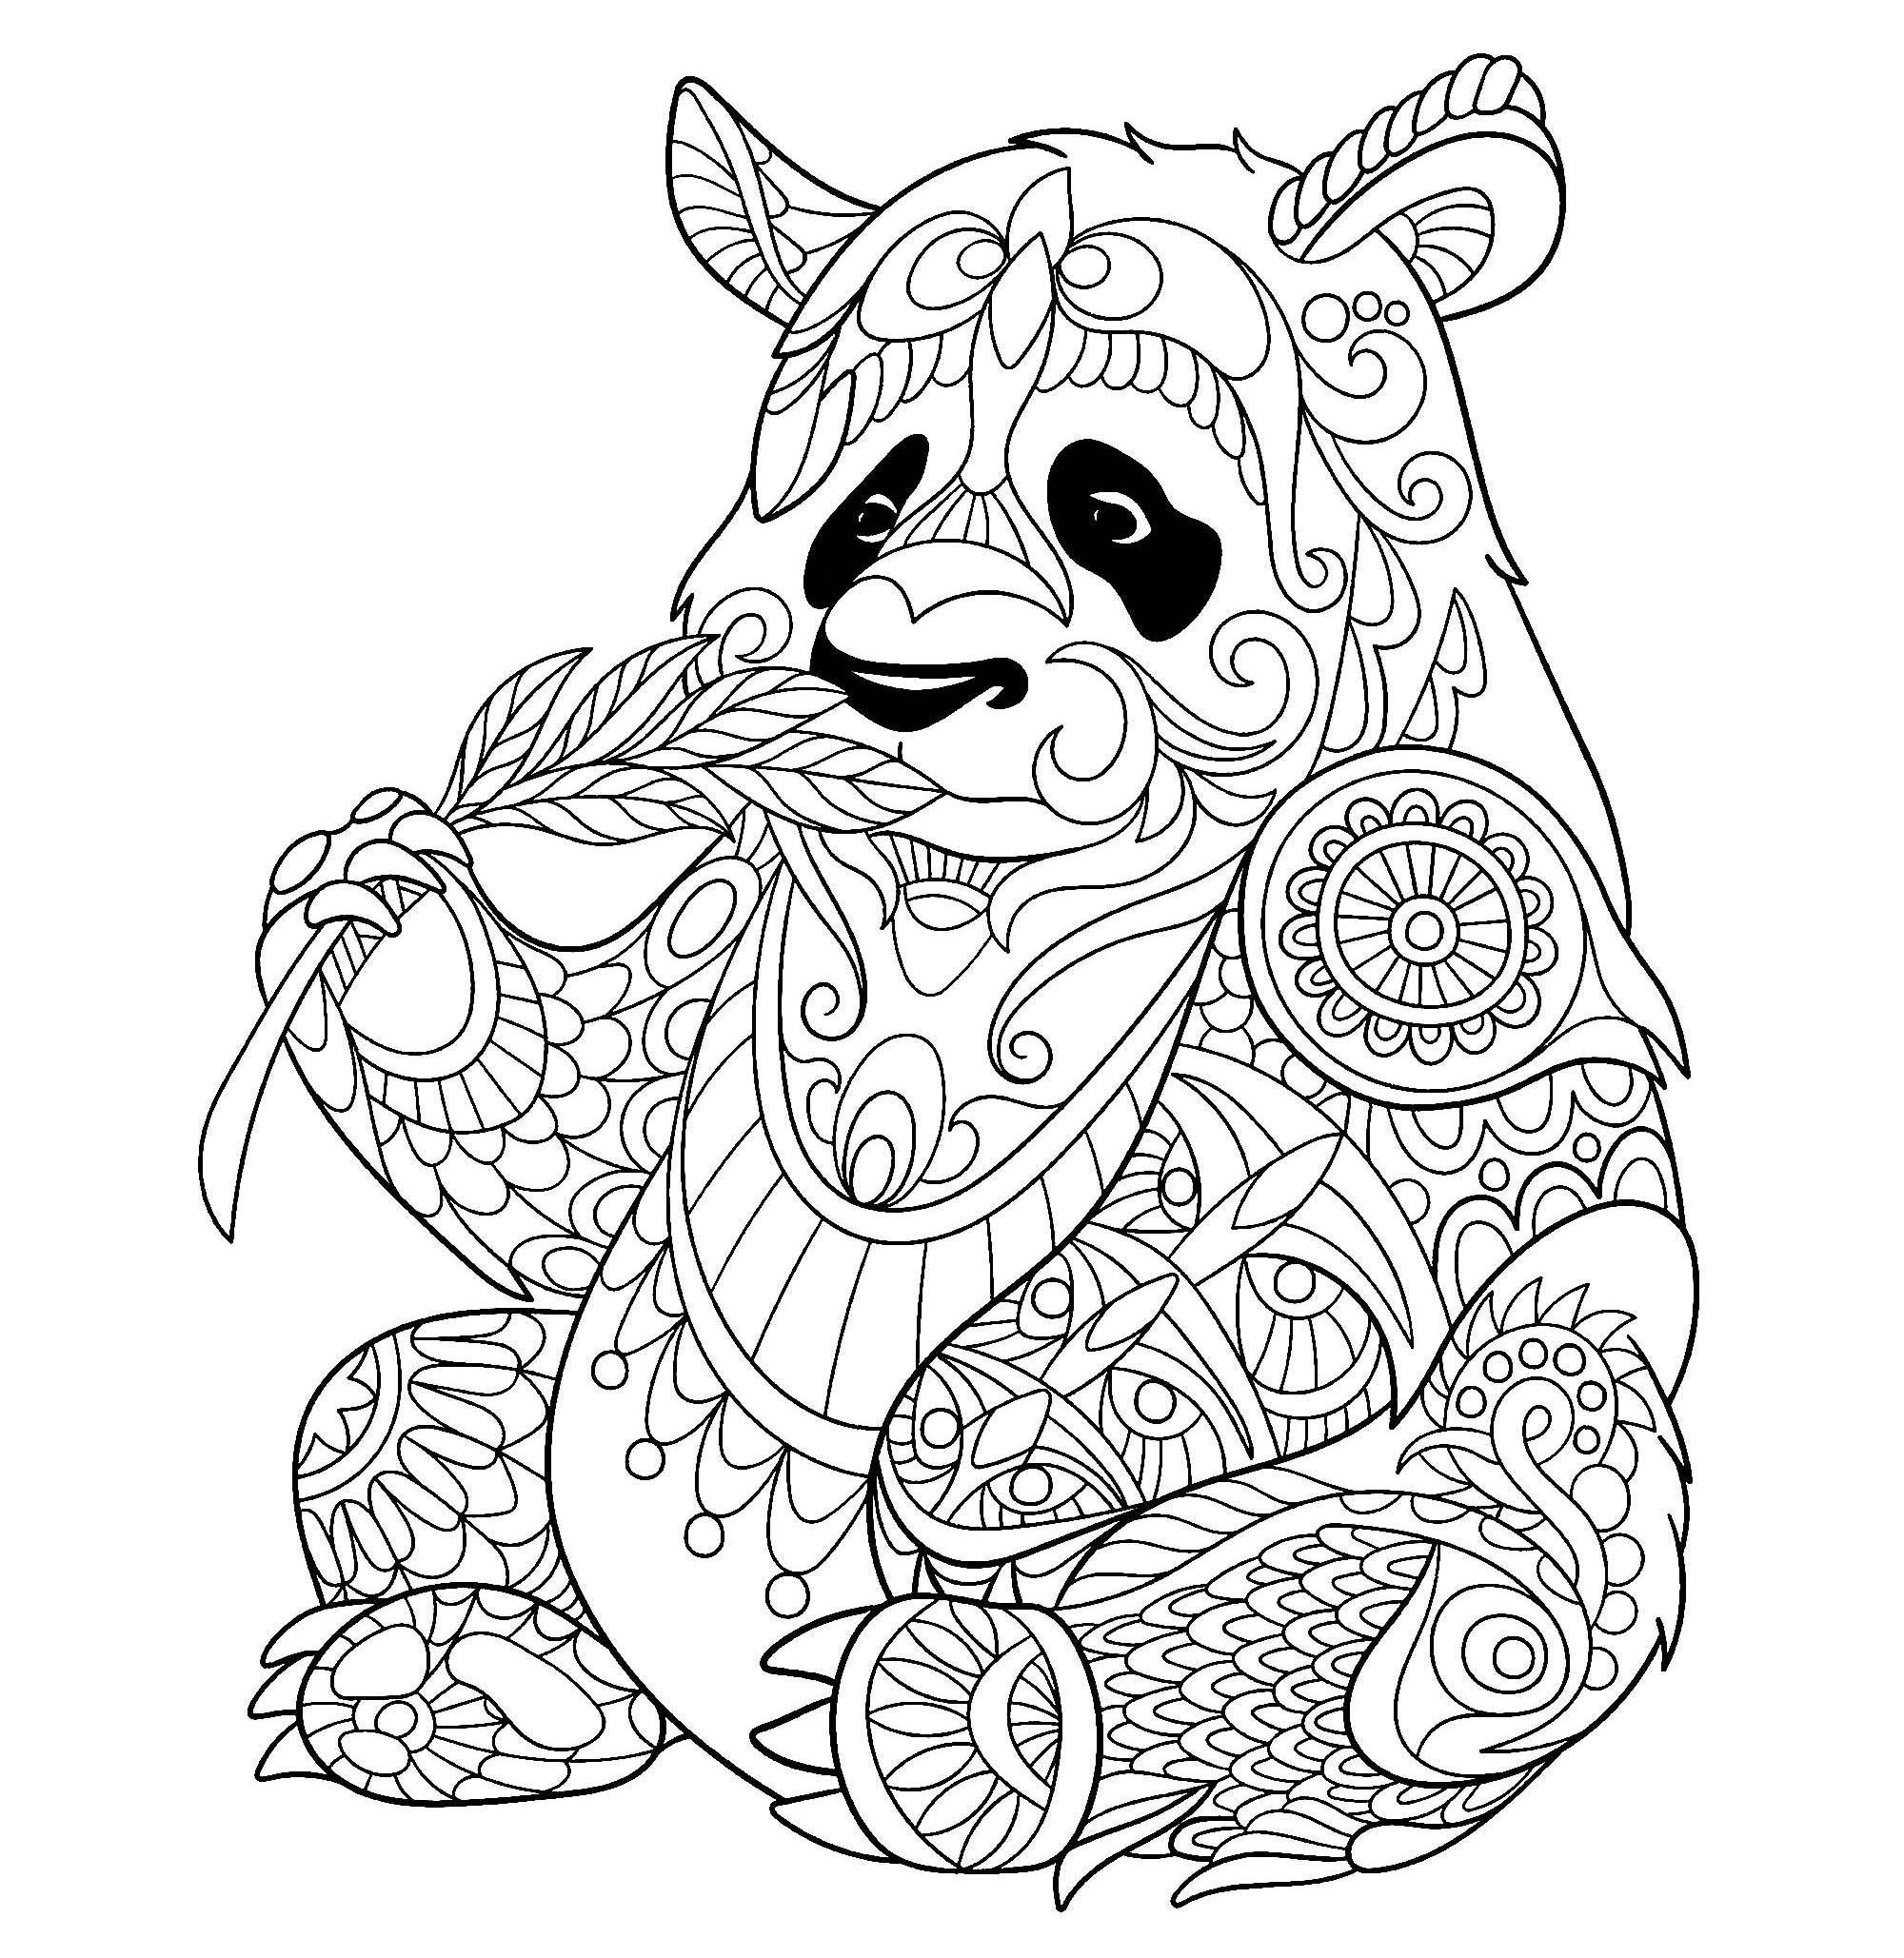 Panda mangeant une pousse de bambou pandas coloriages difficiles pour adultes - Coloriage panda roux mandala ...